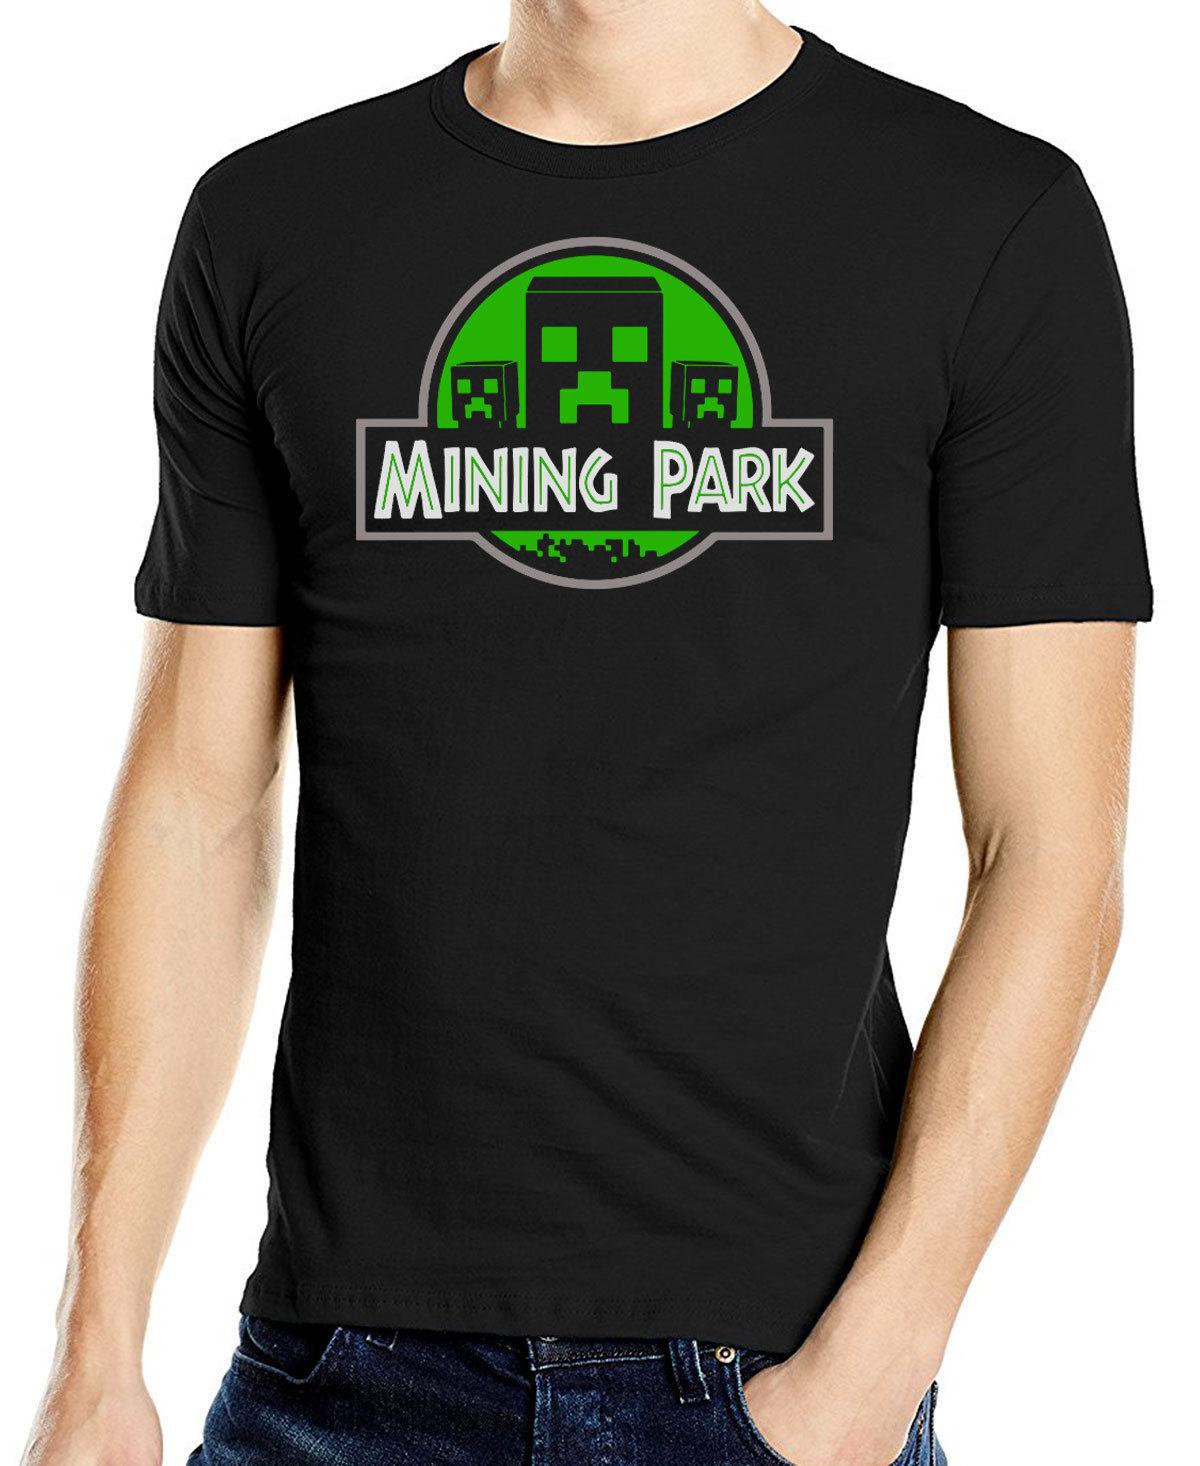 Mining Park Geek Gaming T-Shirt Retro 8 Bit Game T Shirt Adults T shirt High Quality